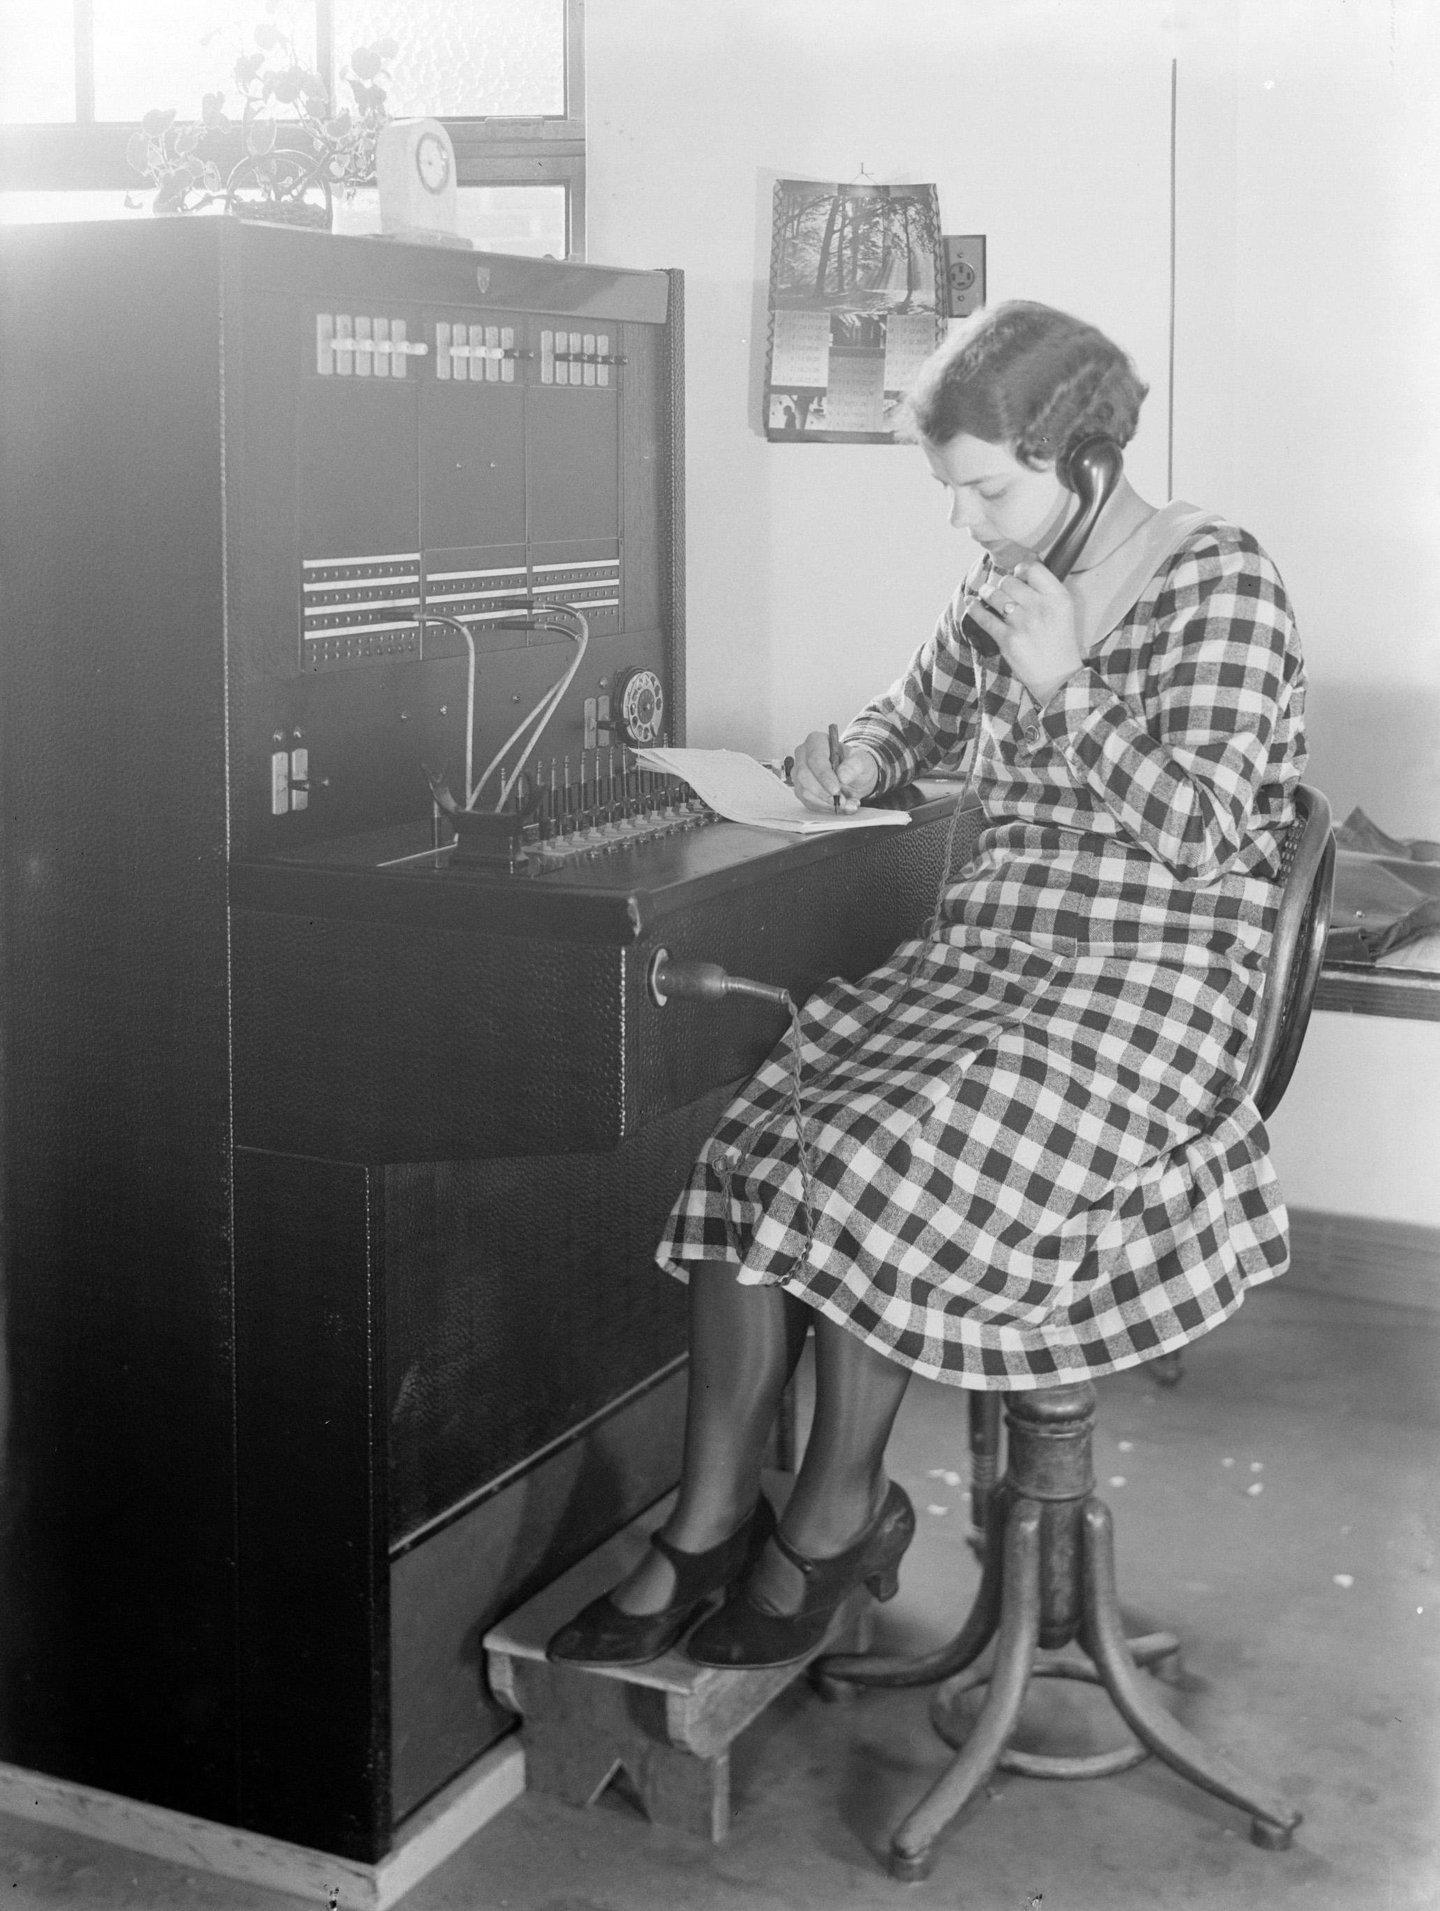 Automatische centrales en telefoontoestellen met kiesschijf